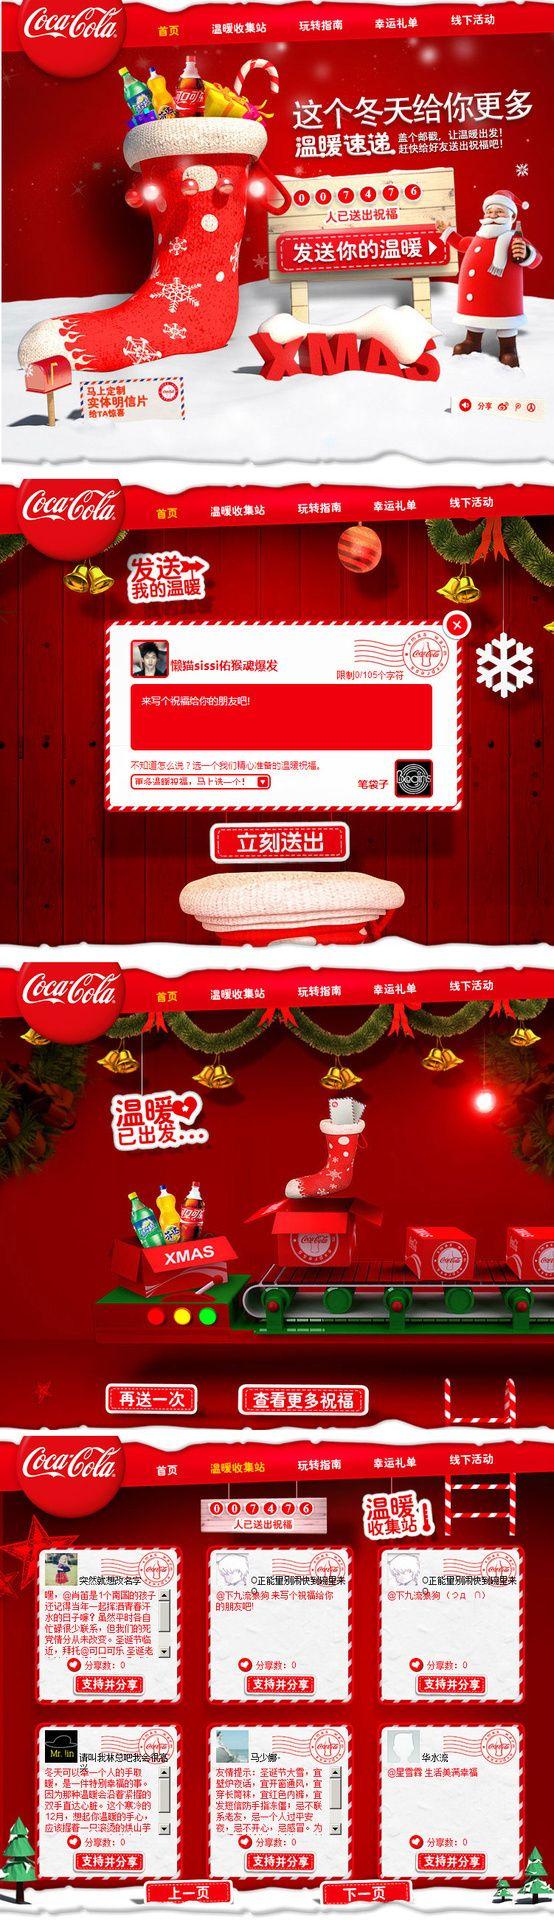 圣诞节 - 再见、2011采集到网页(专...